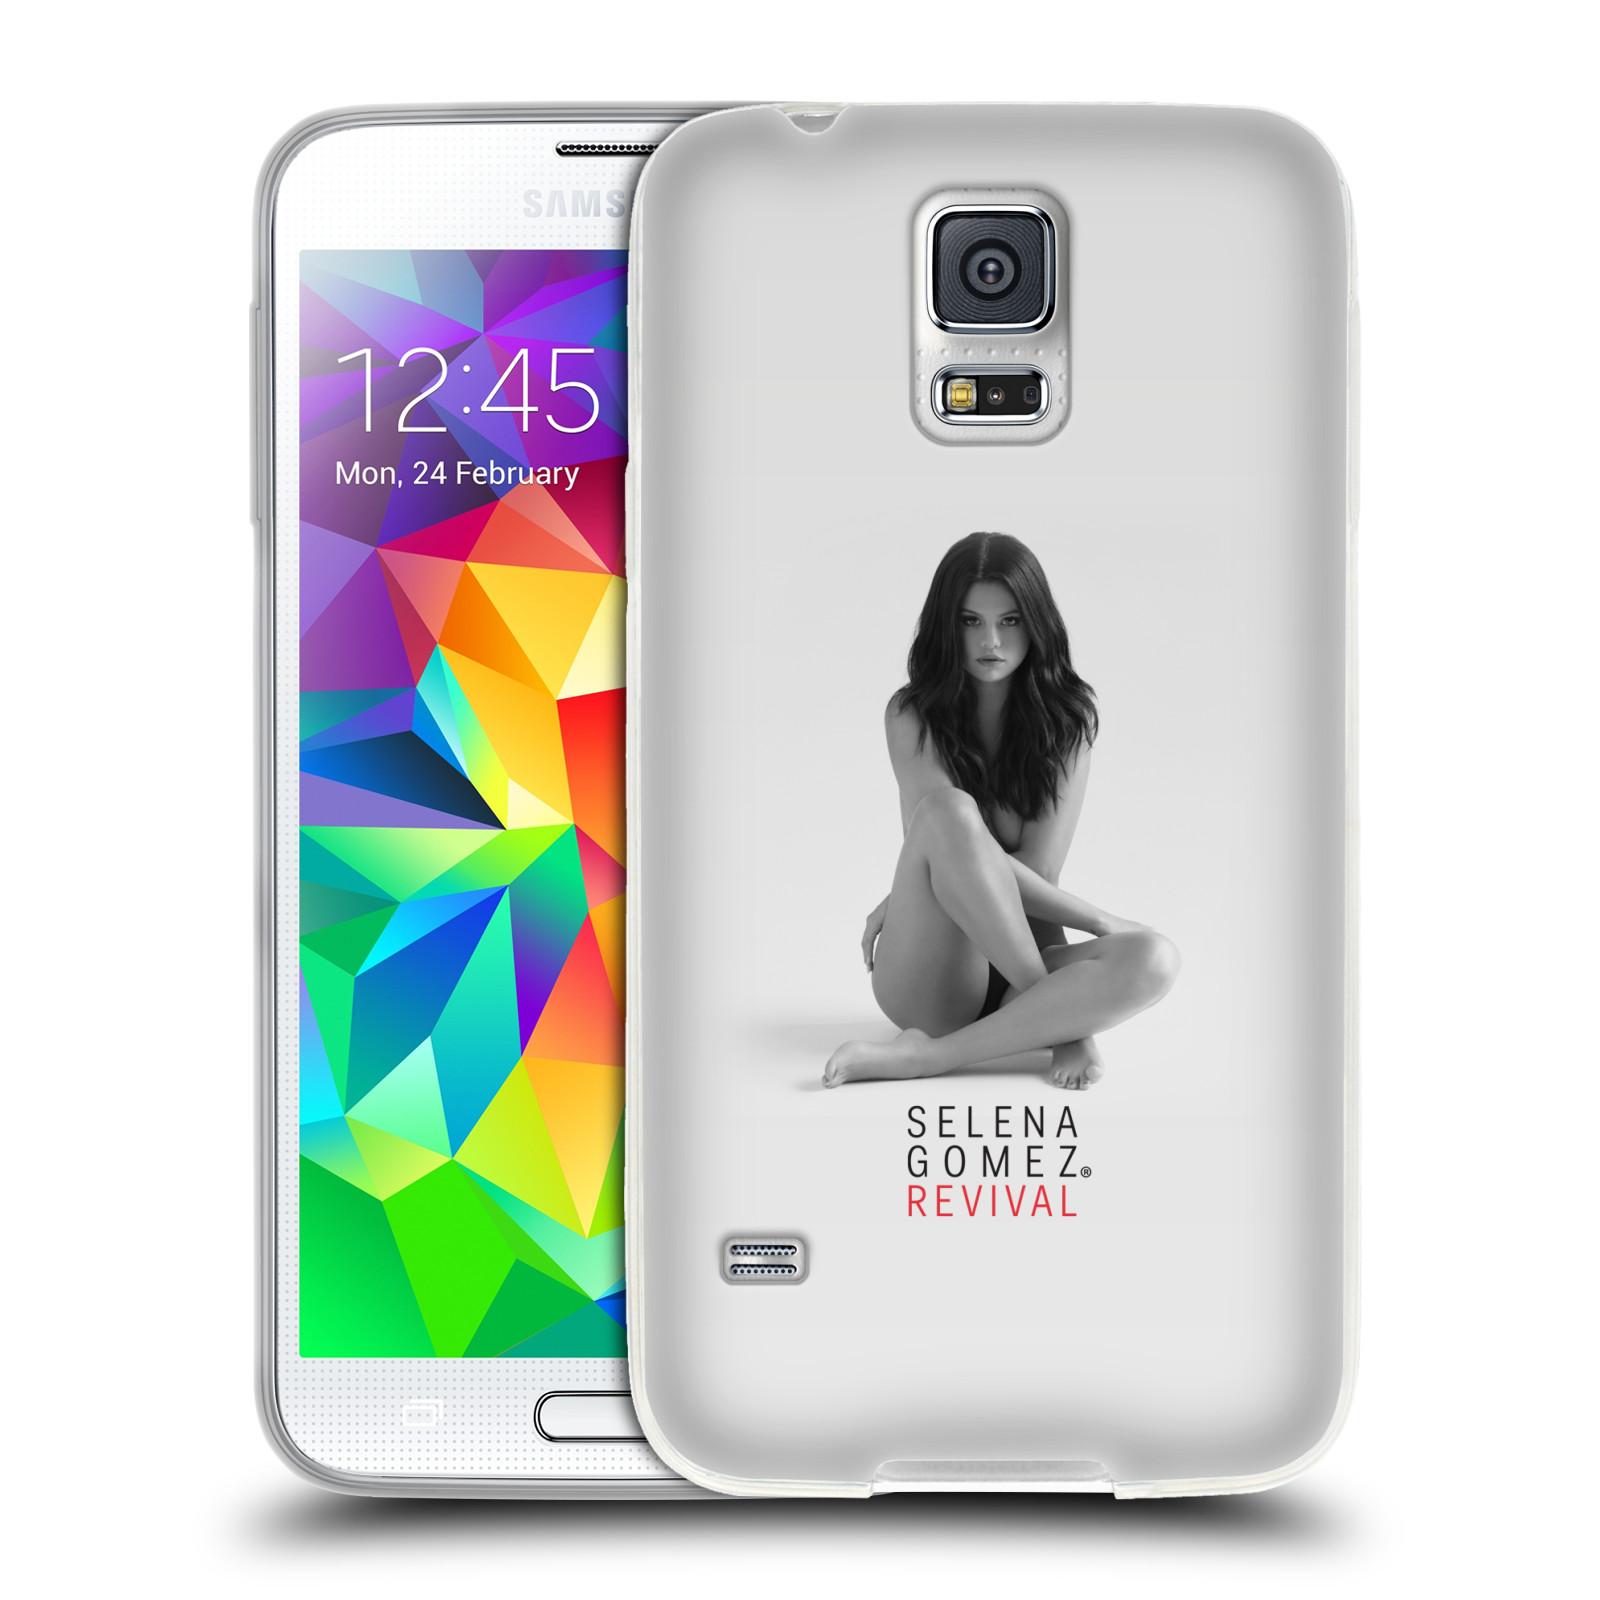 HEAD CASE silikonový obal na mobil Samsung Galaxy S5 Zpěvačka Selena Gomez foto Revival